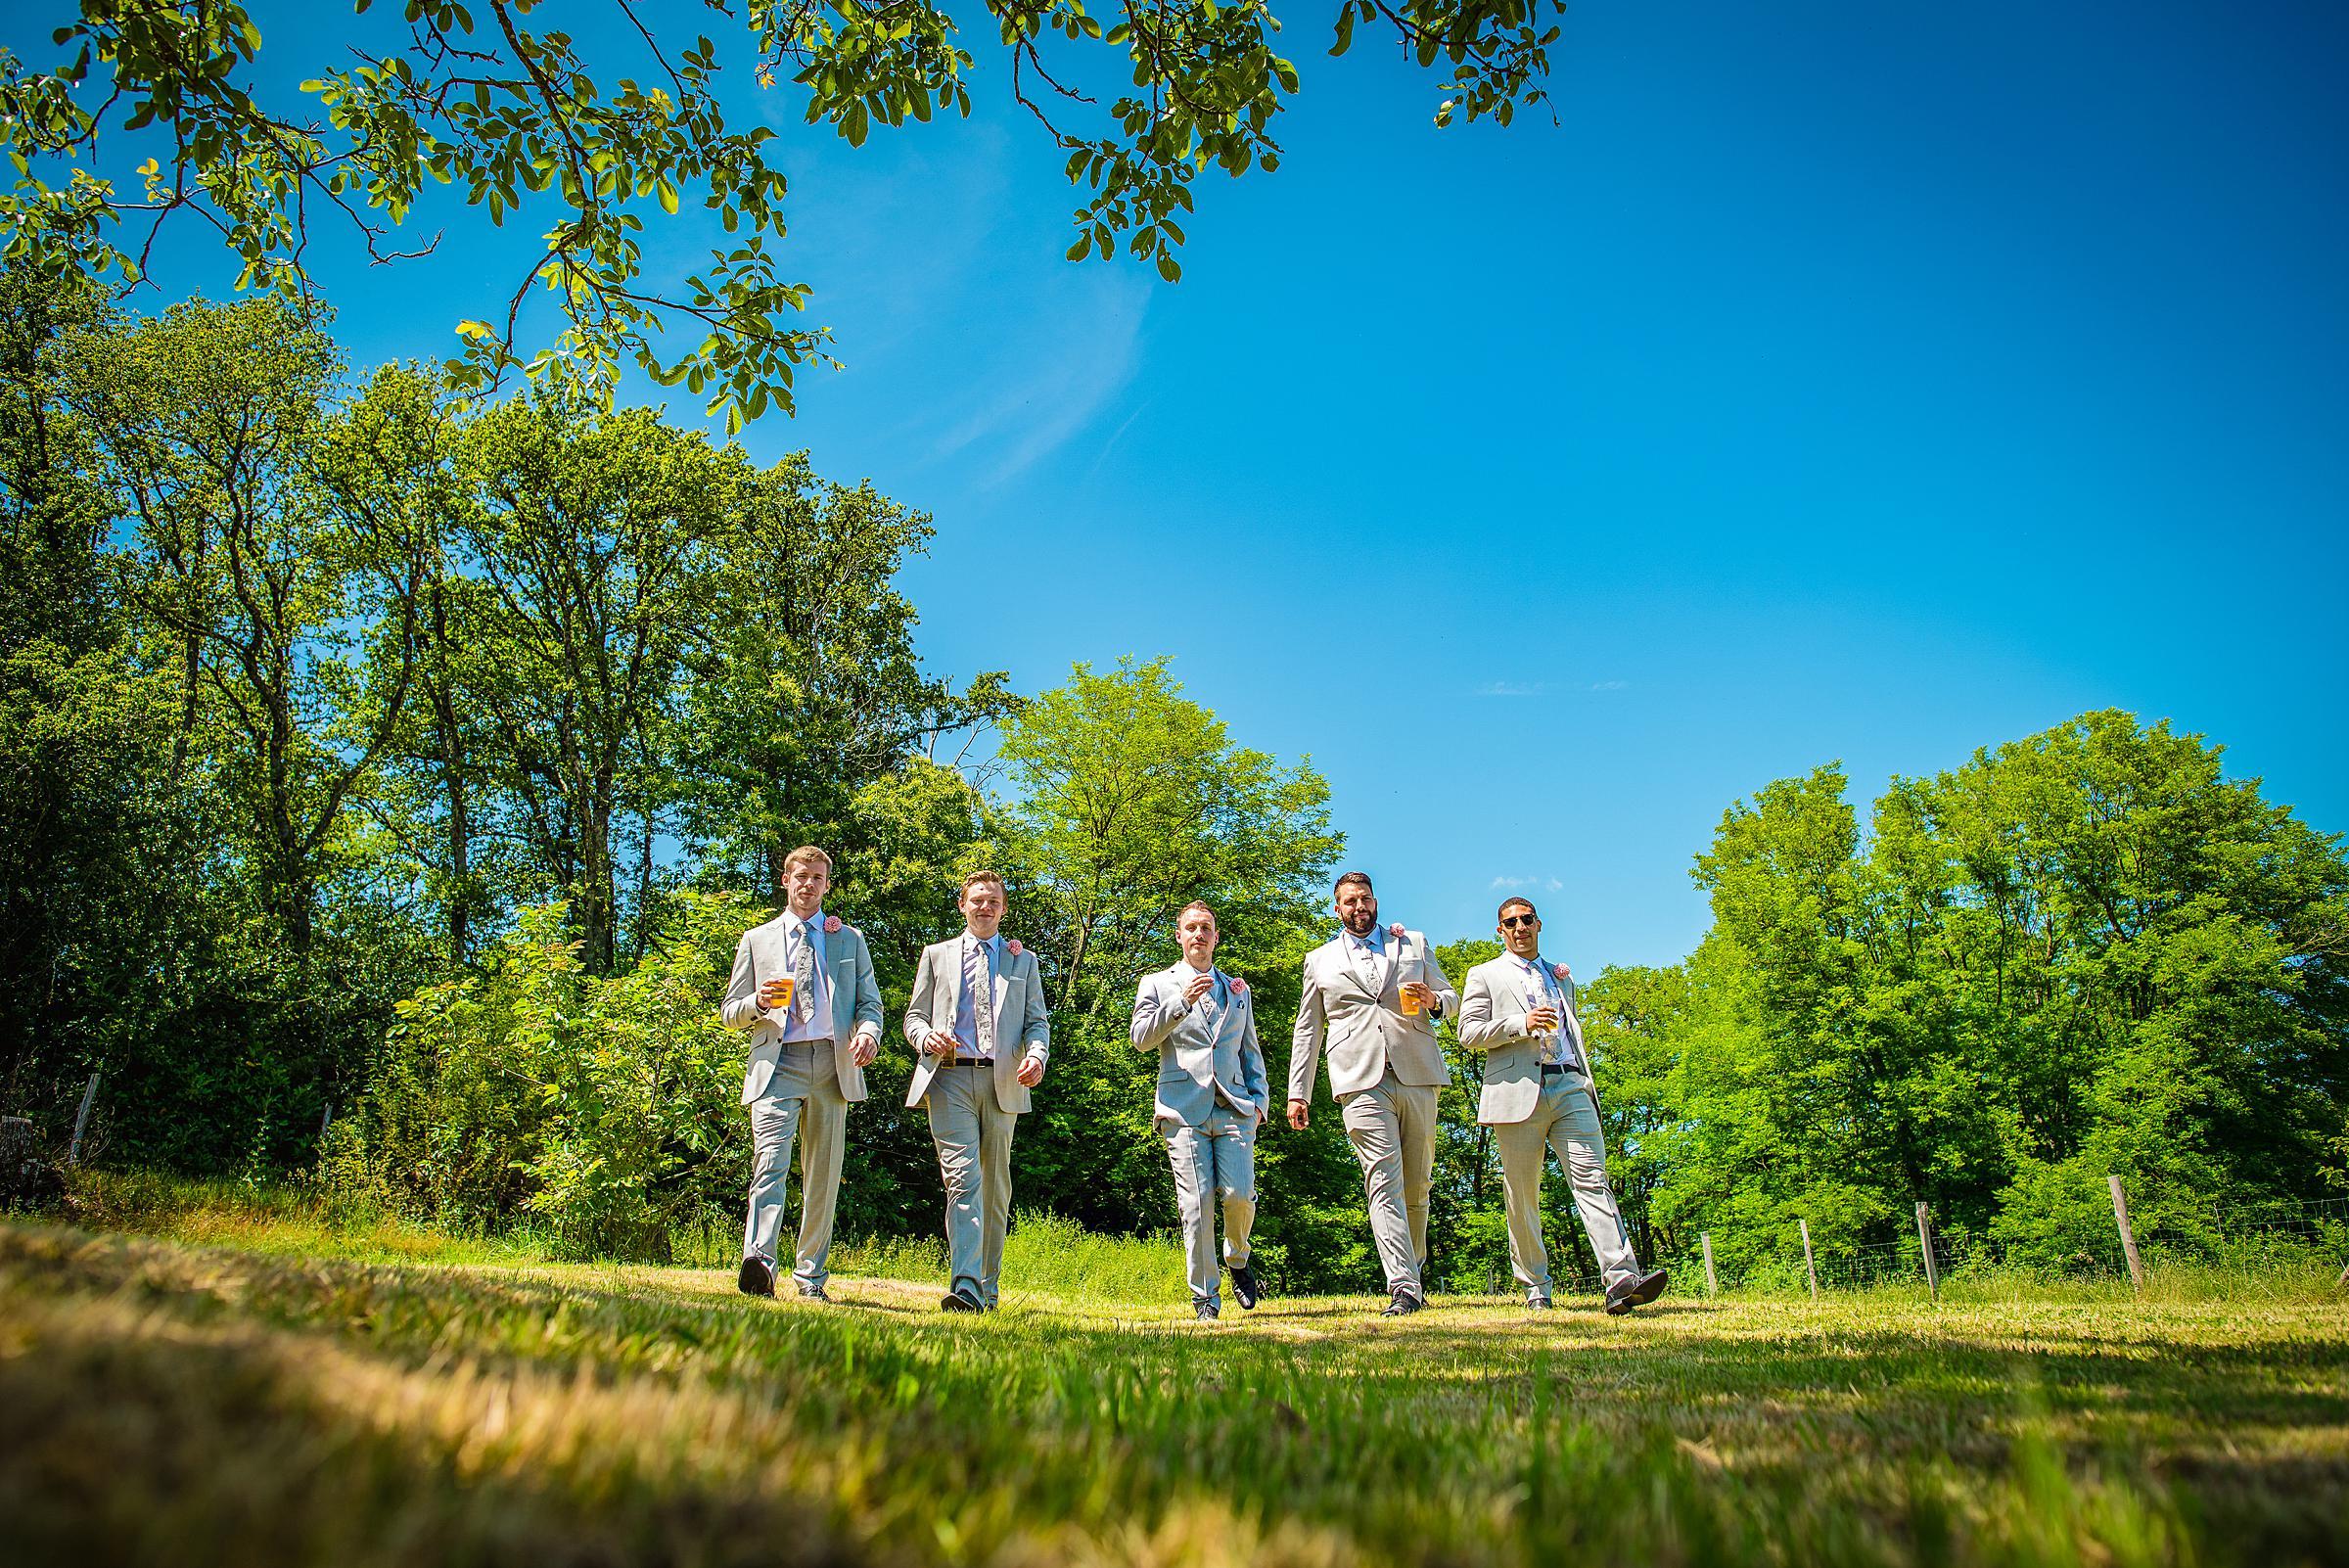 Back Garden Festival Wedding in France - Groomsmen